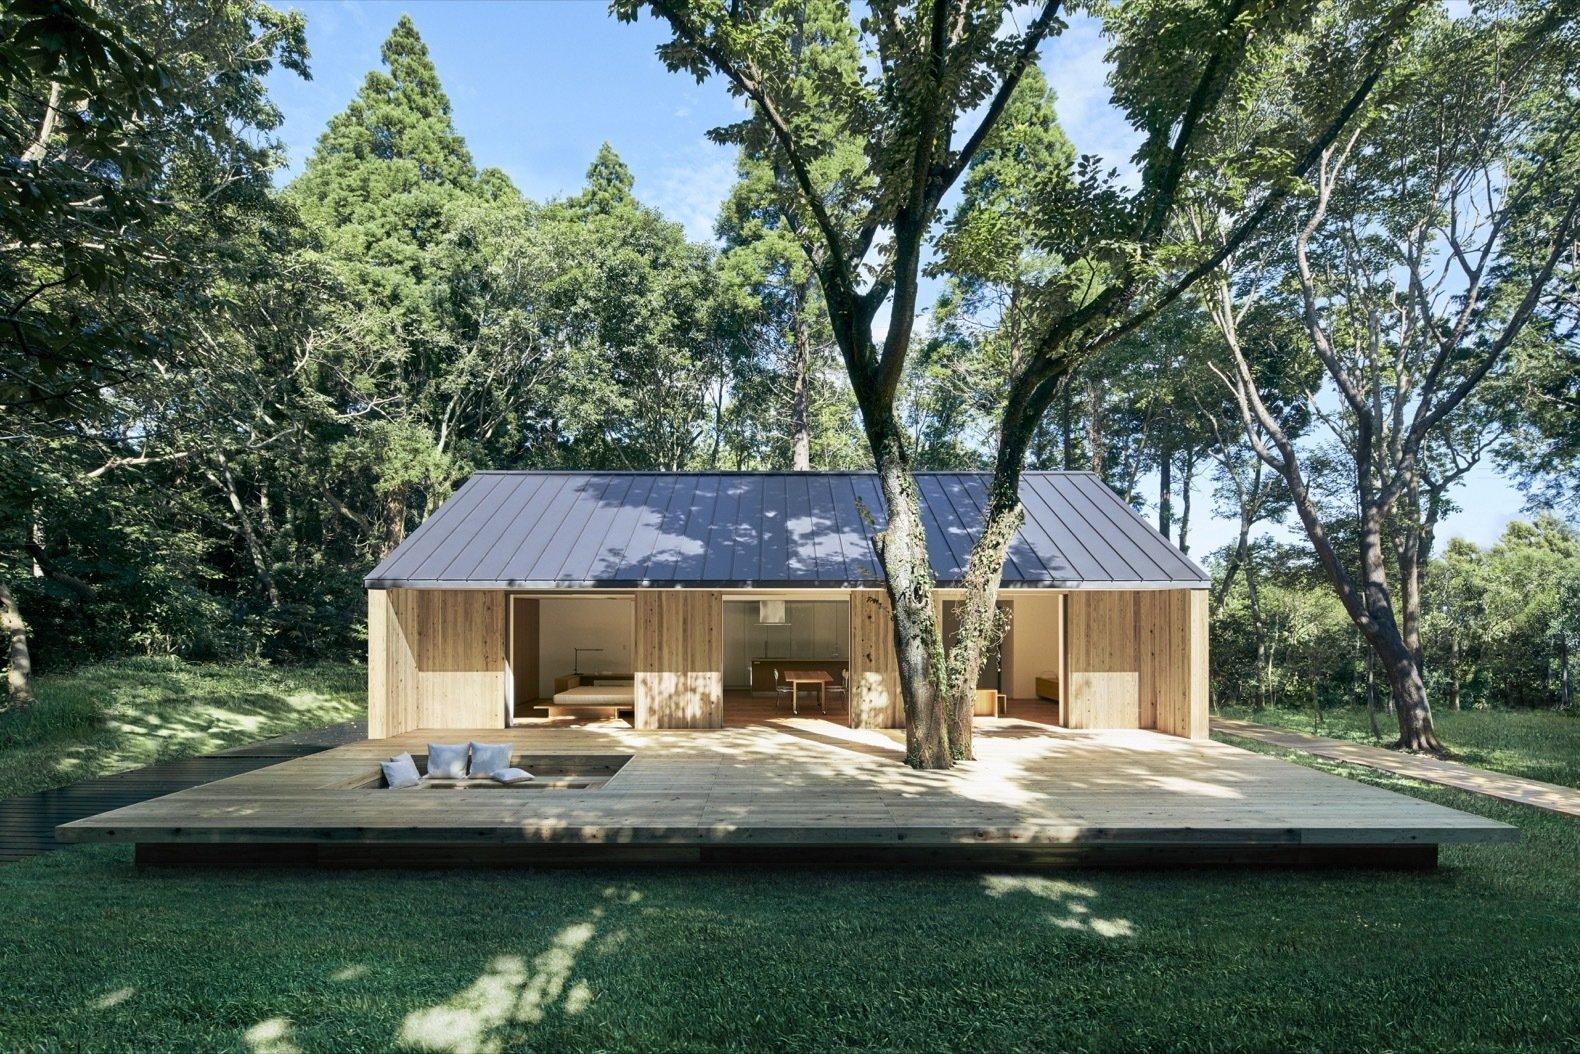 Yō no Ie Prefab House by Muji